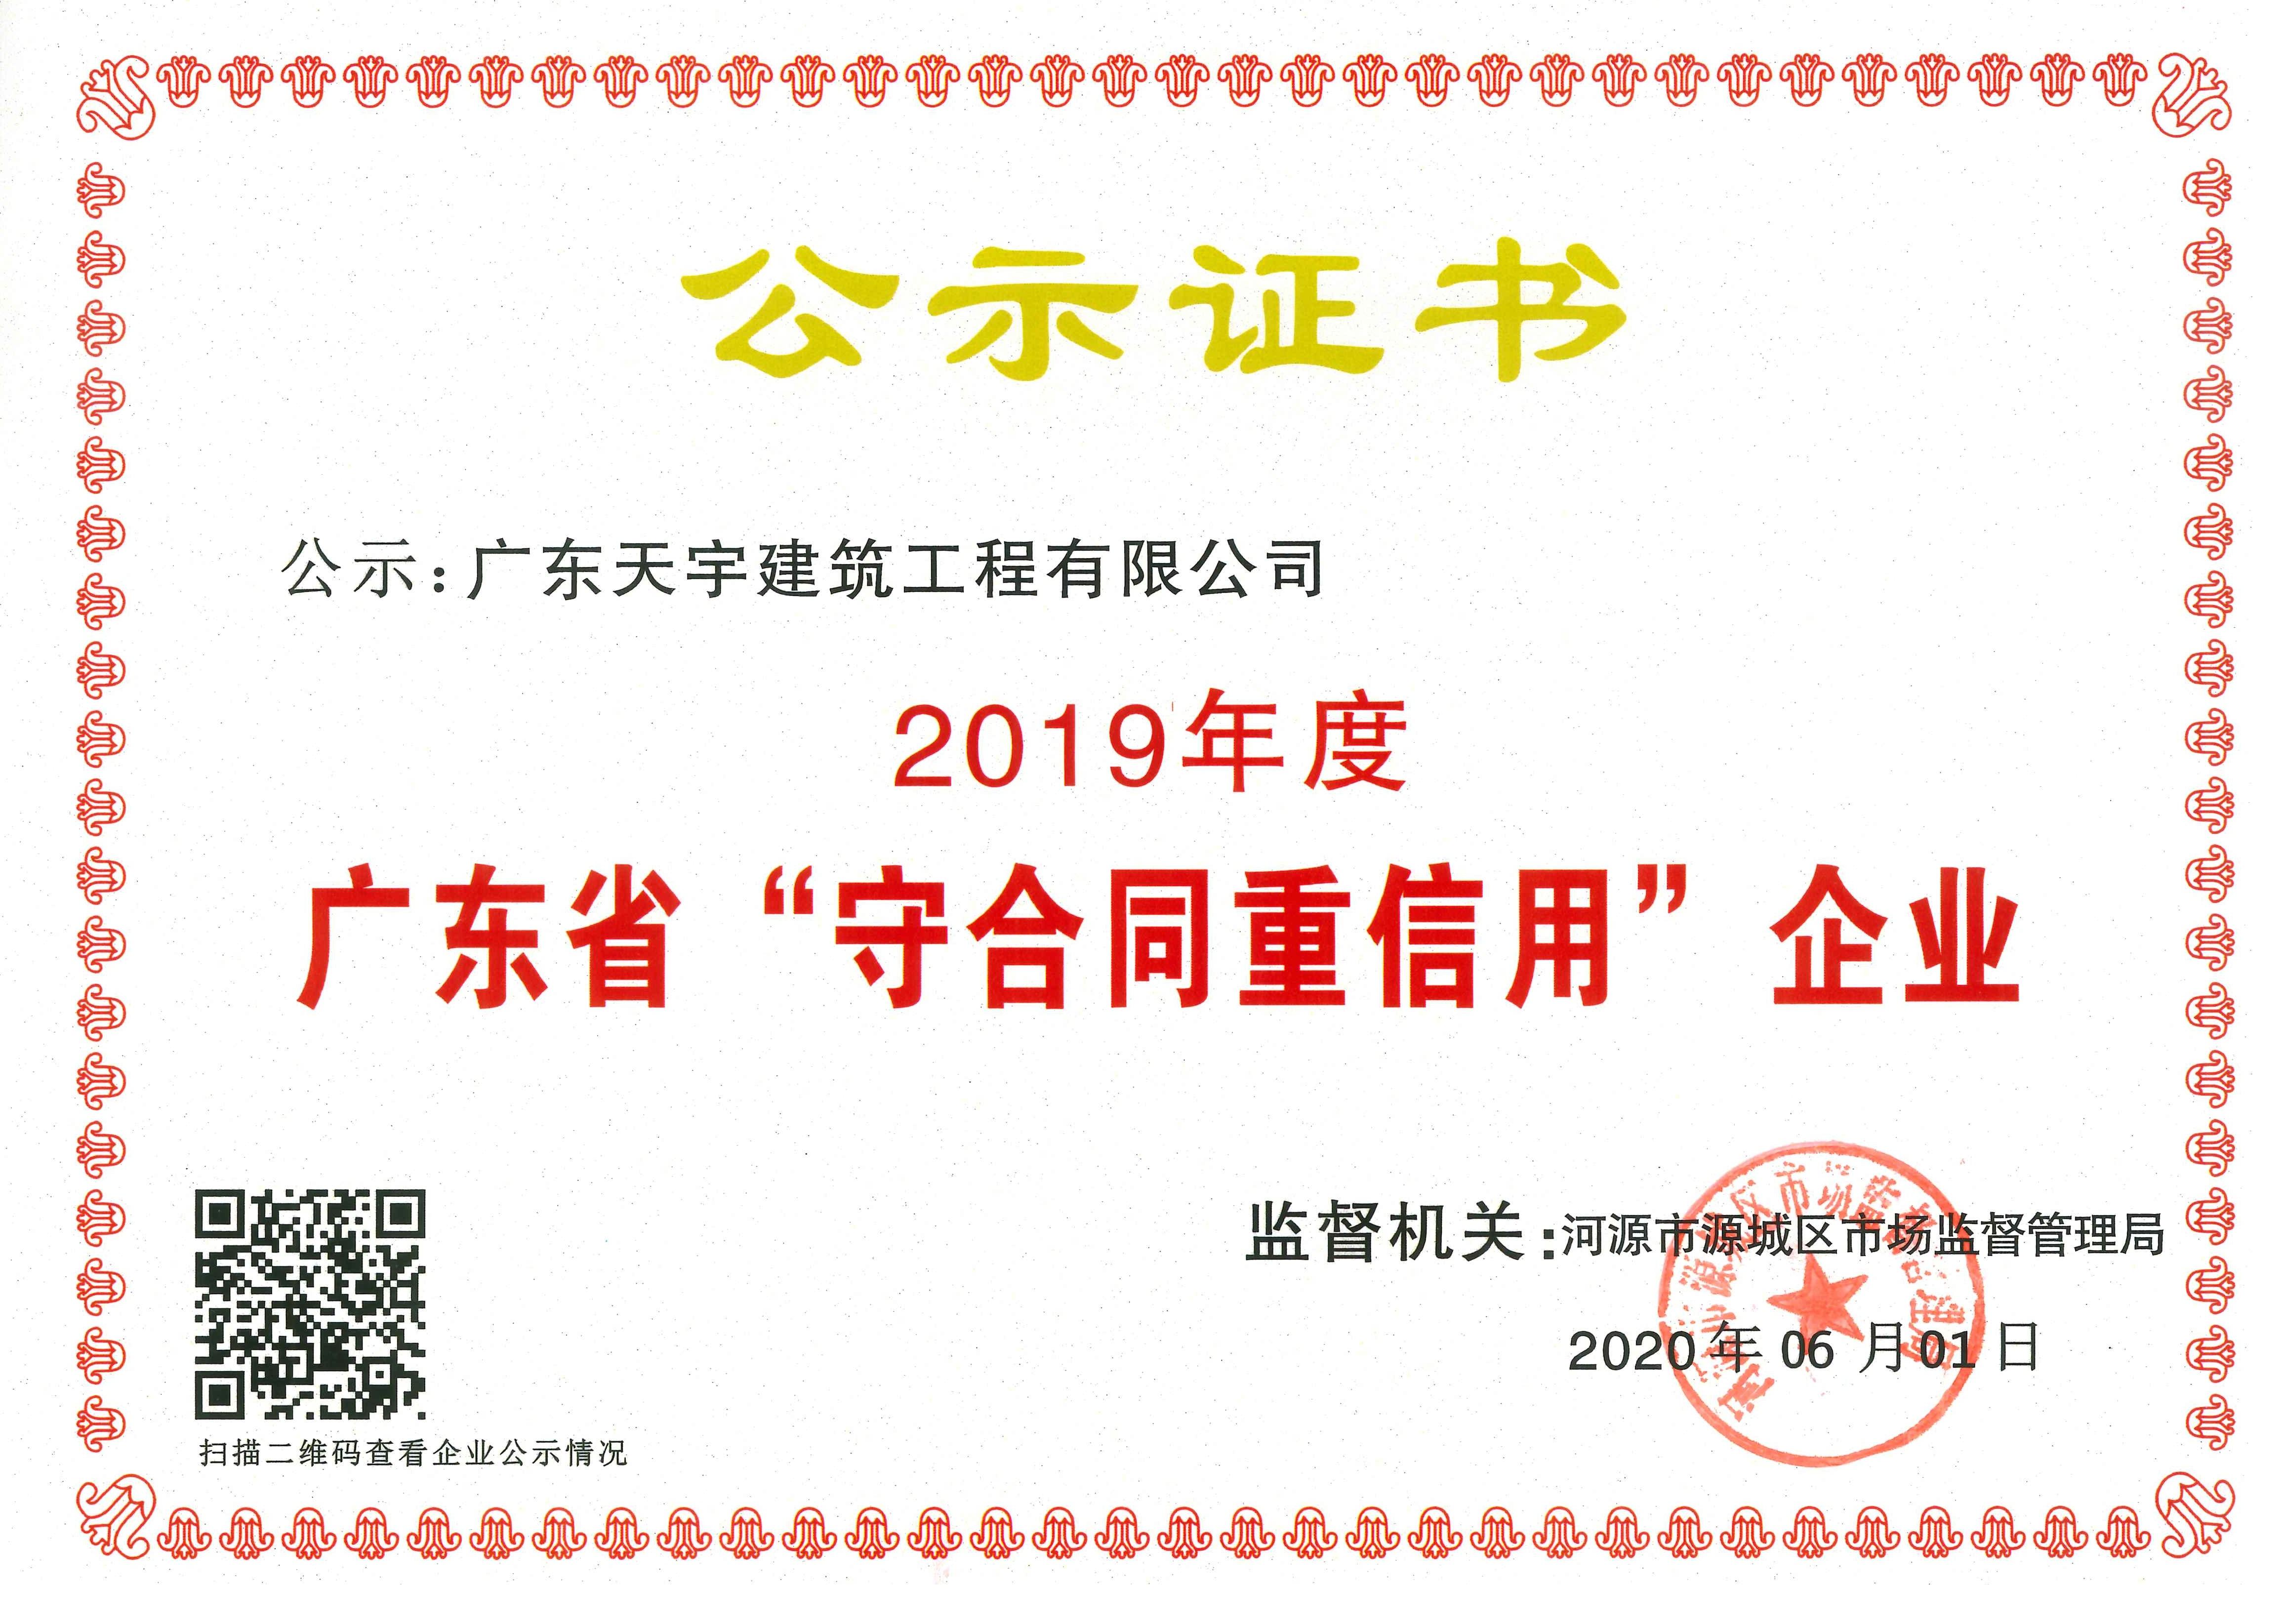 2019年度广东省(守合同重信用)